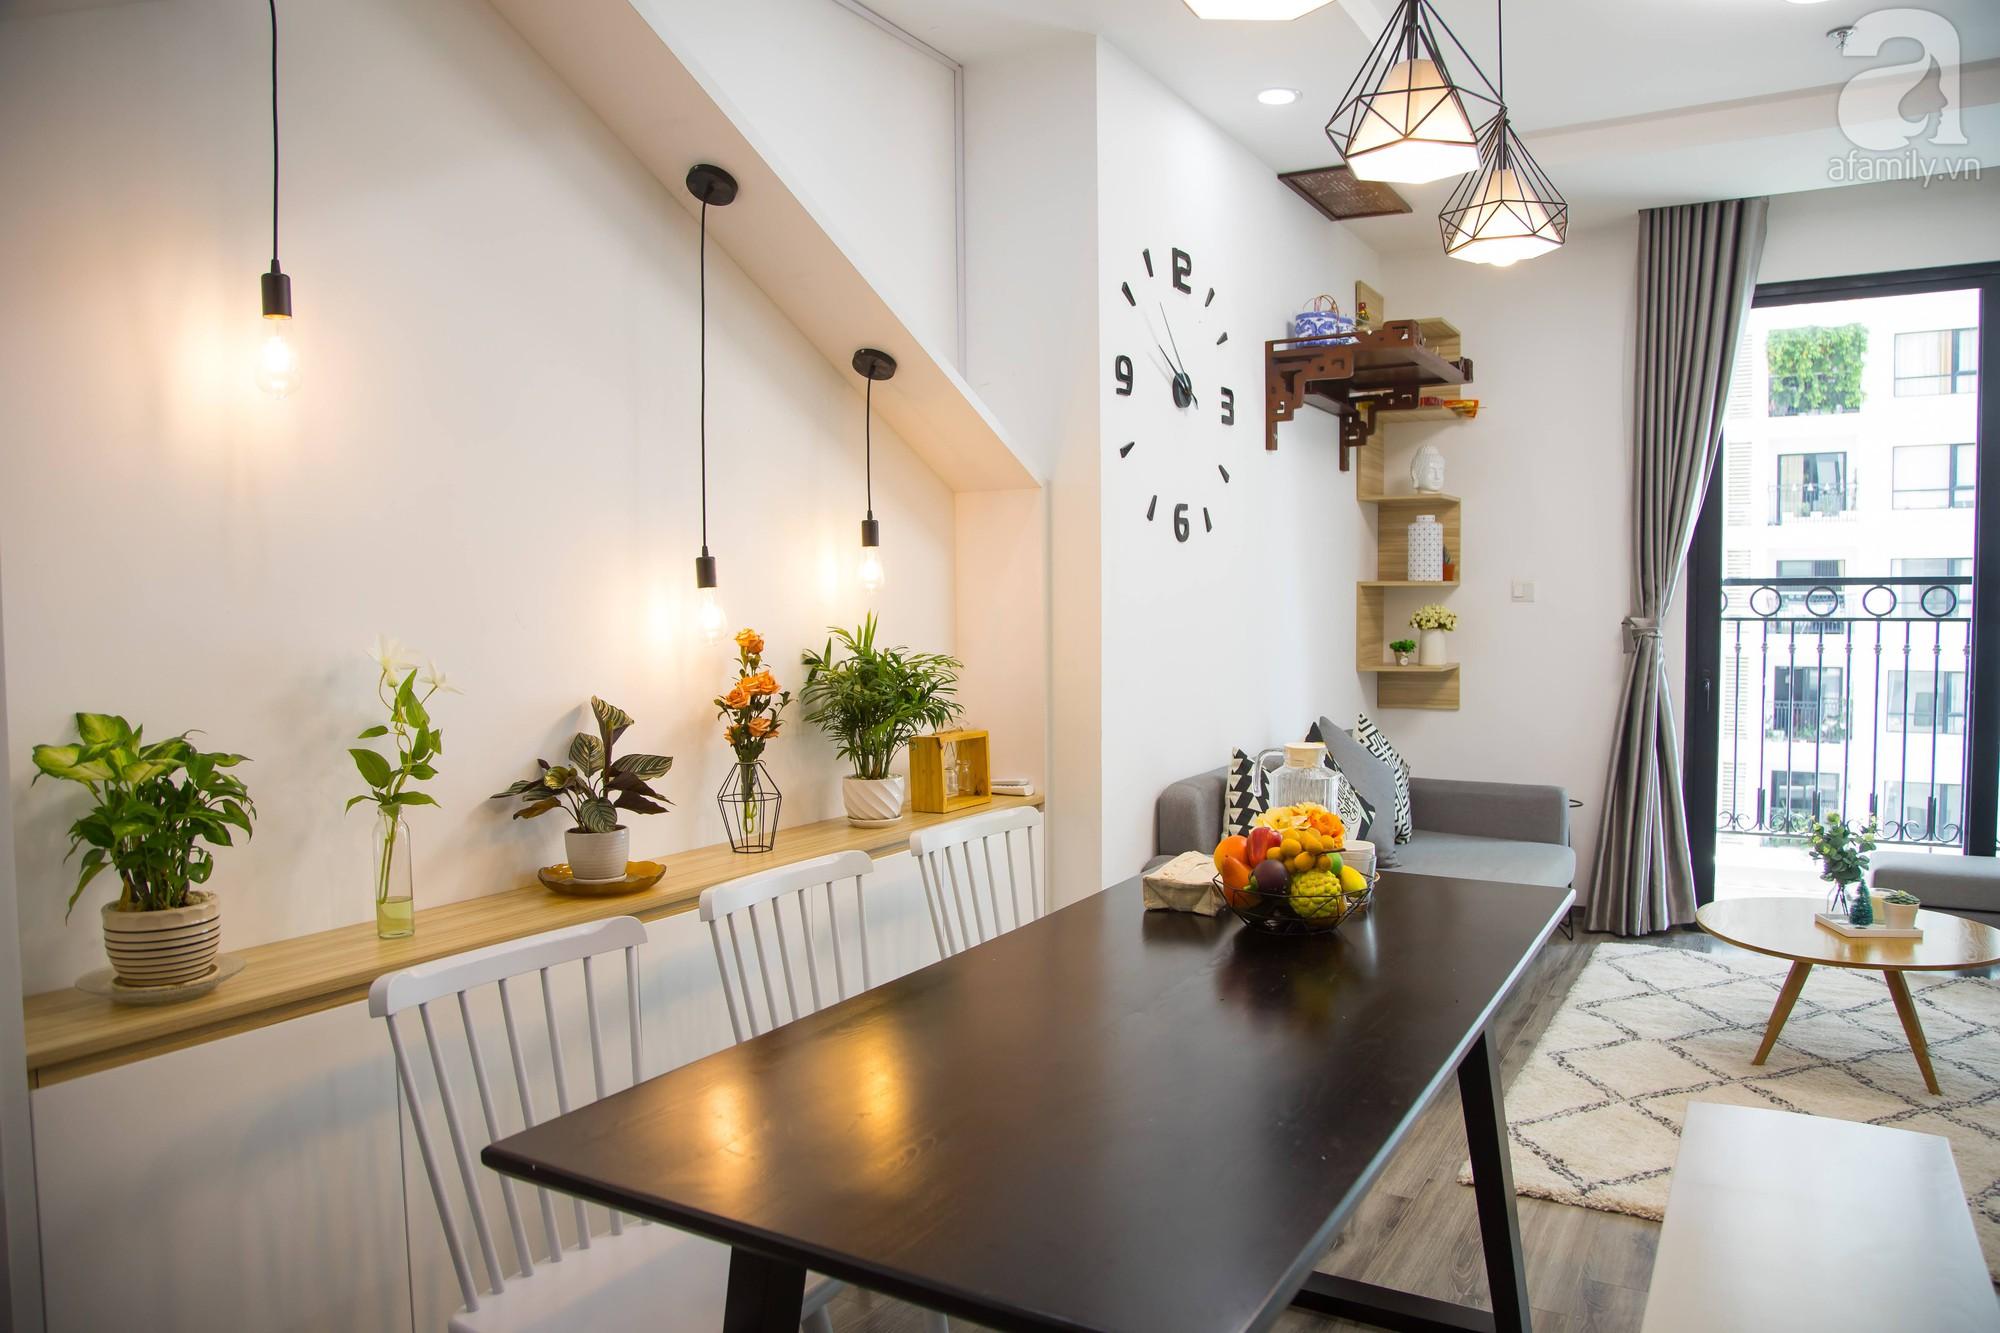 Căn hộ trên tầng cao đẹp duyên dáng với phong cách Scandinavian giữa lòng Hà Nội của đôi vợ chồng trẻ - Ảnh 12.